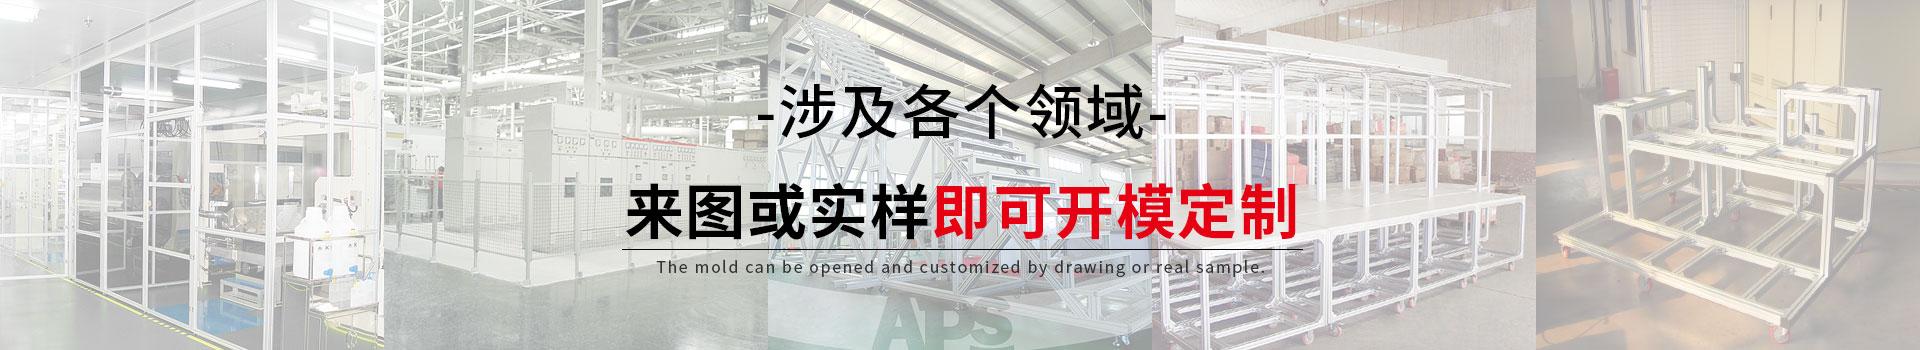 铝型材框架 开模定制   涉及各个领域  来图或实样即可开模定制